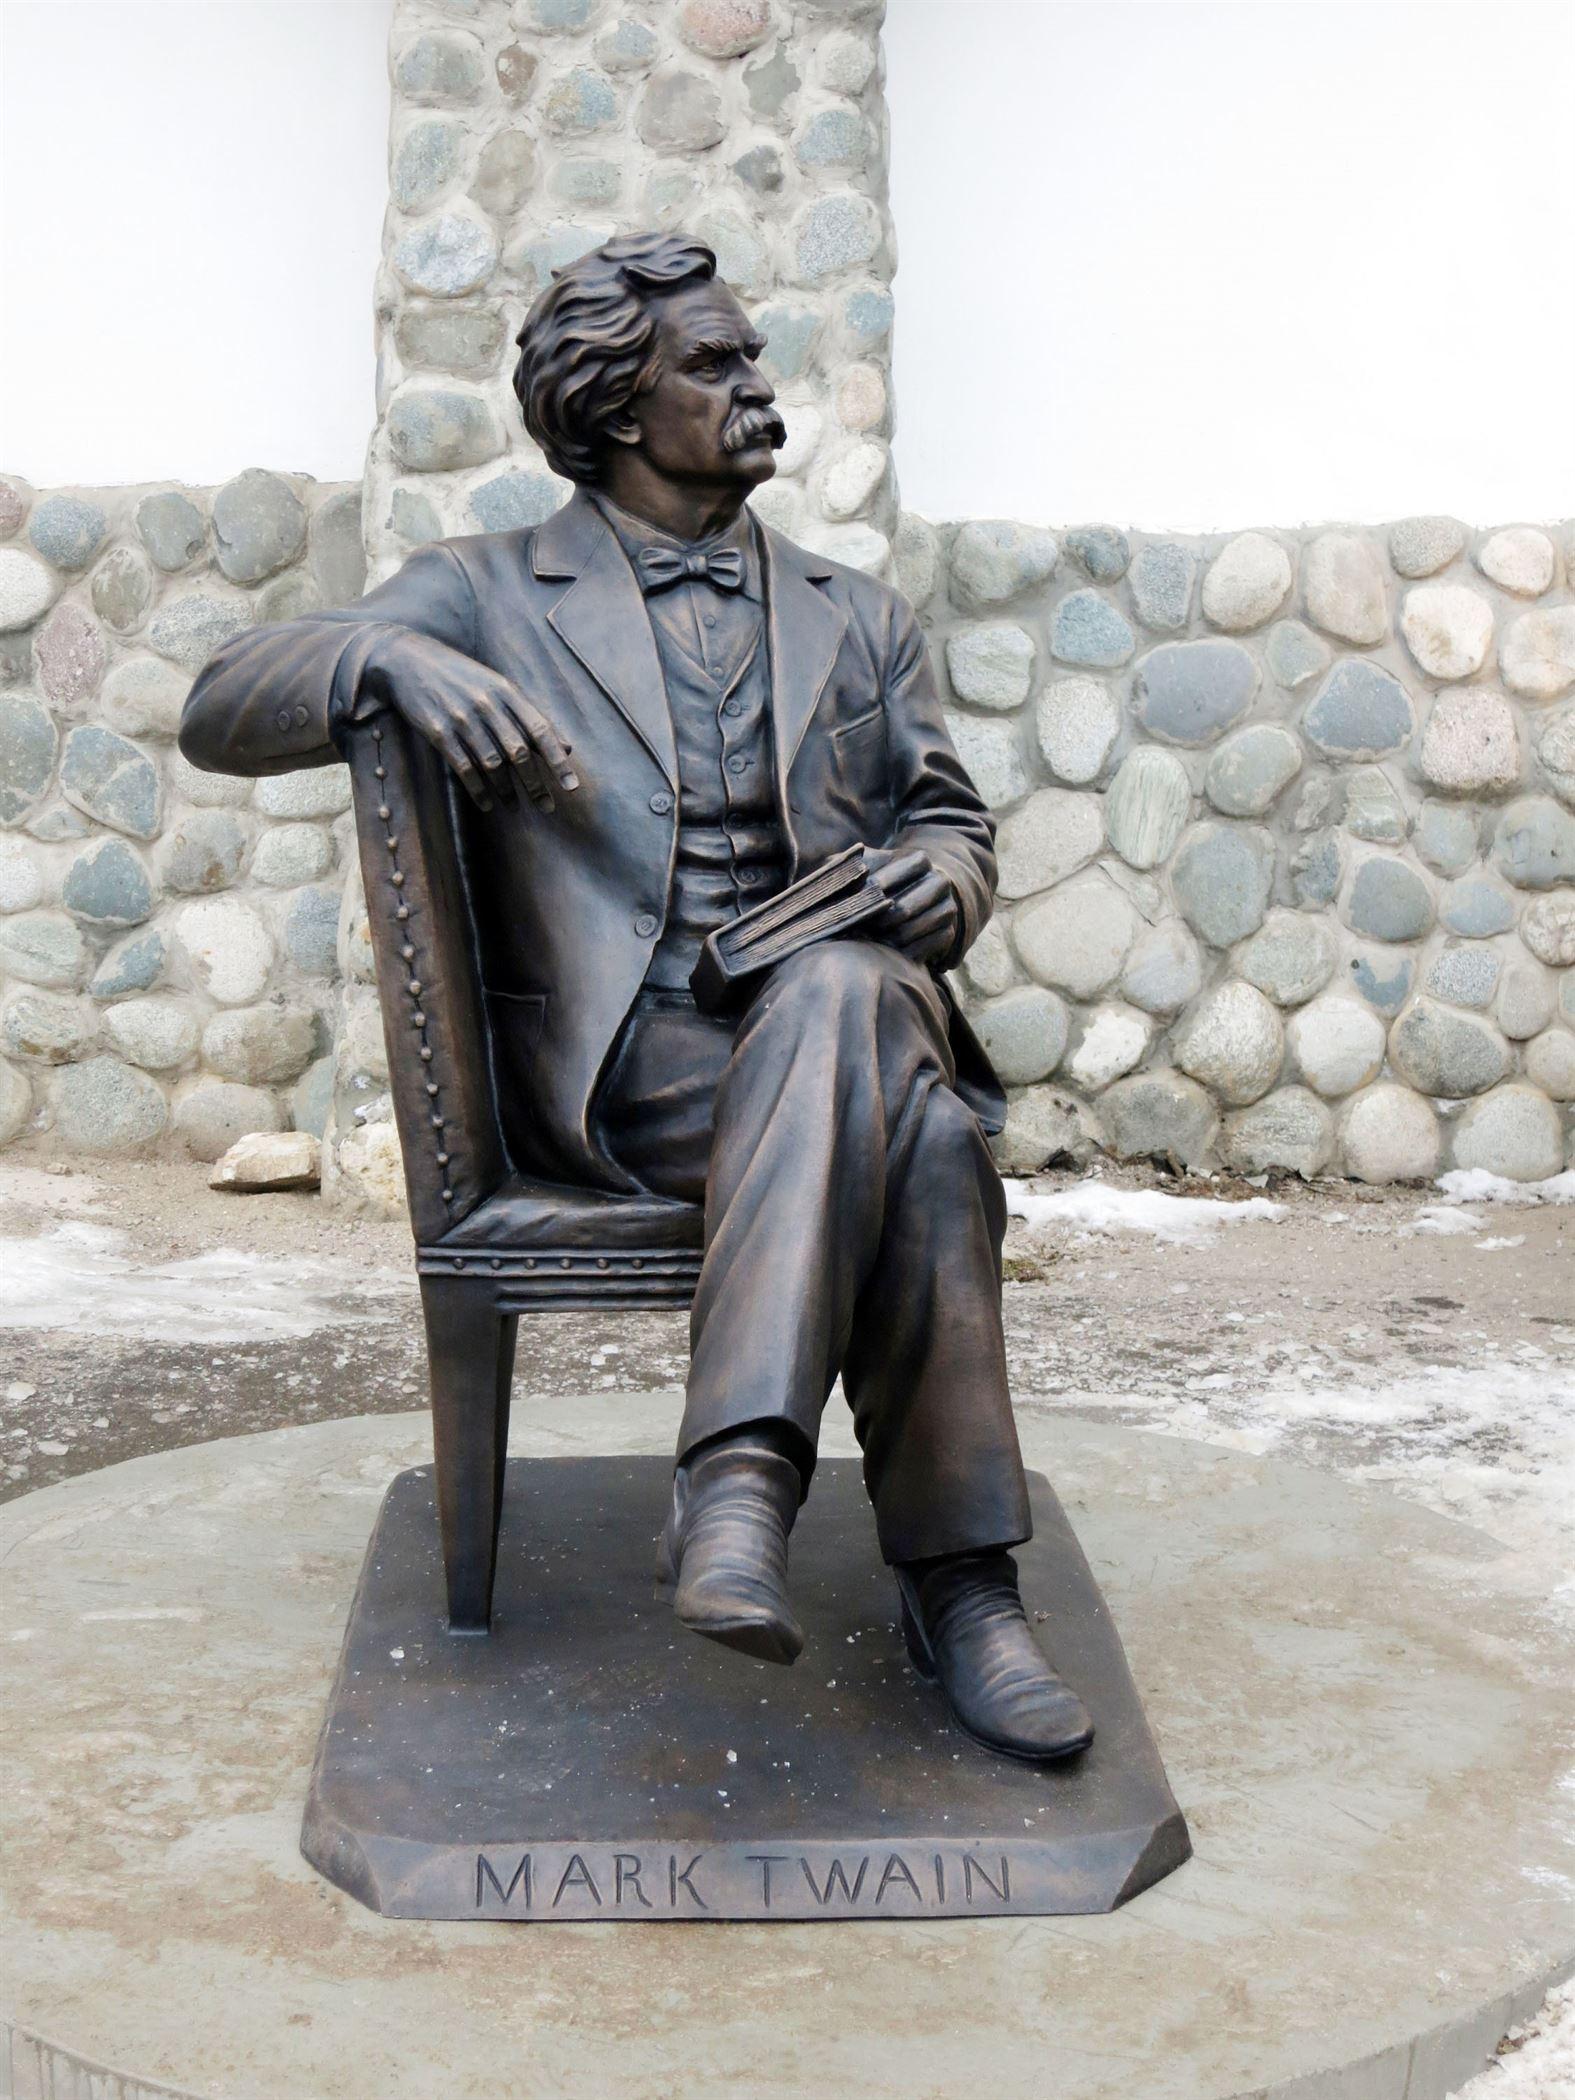 Памятник Марку Твену  на территории  Культурно-образовательного центра «ЭТНОМИР». - 18